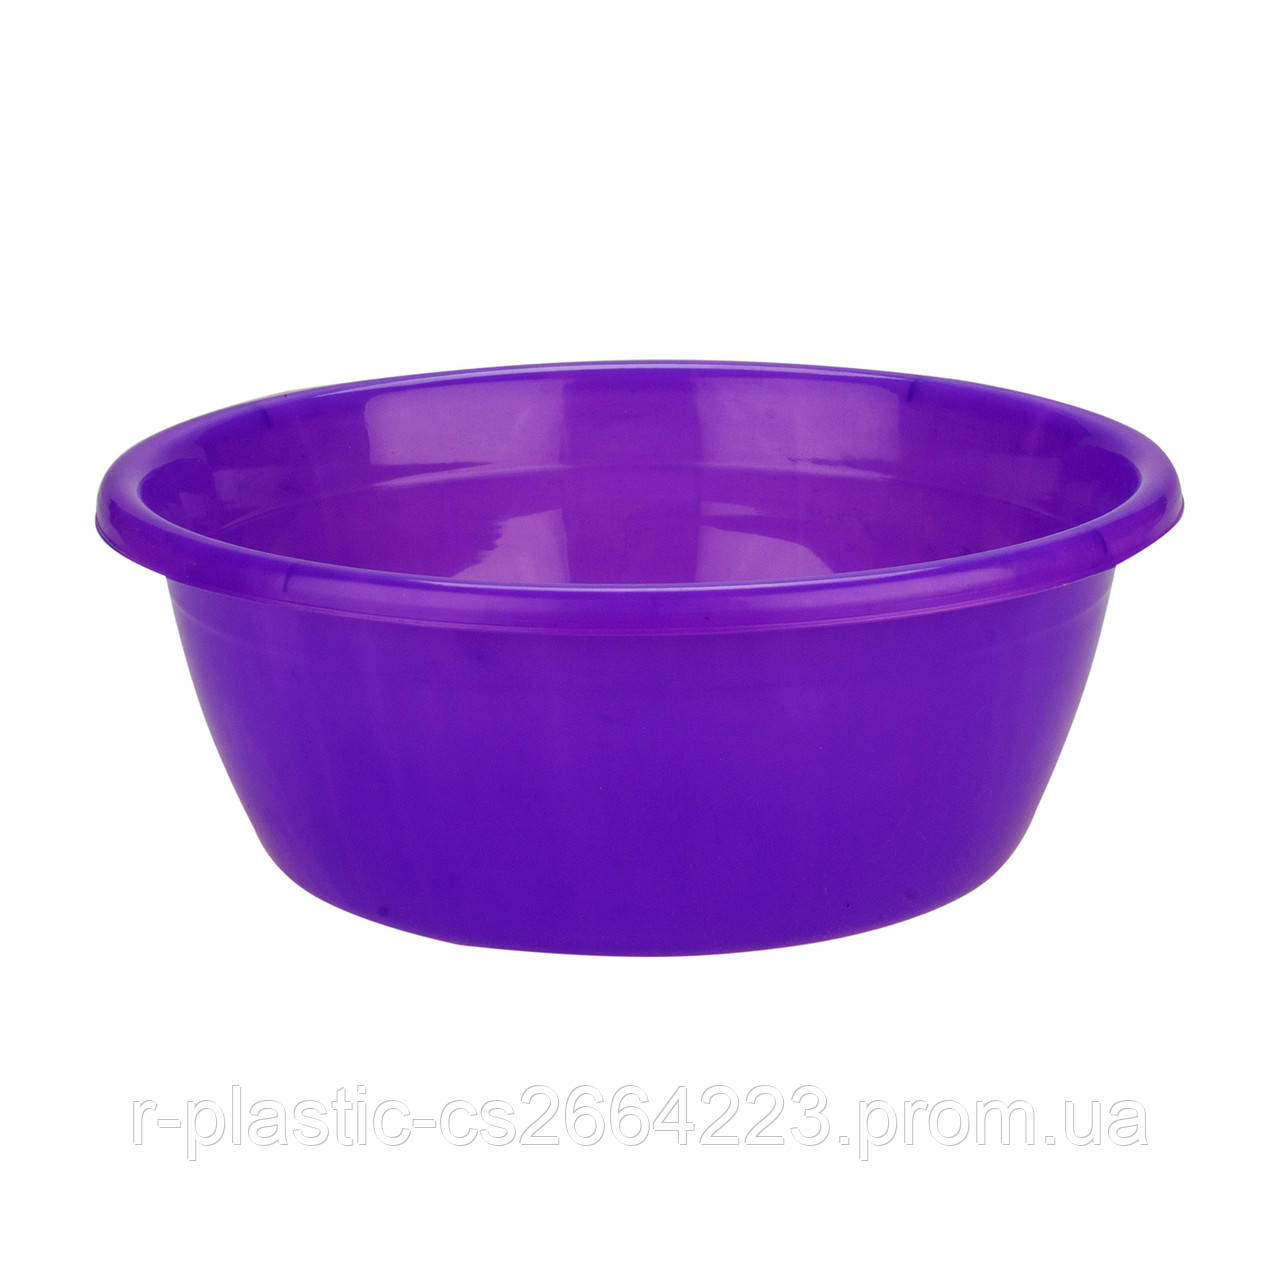 Миска R-Plastic цветная 10л фиолетовая